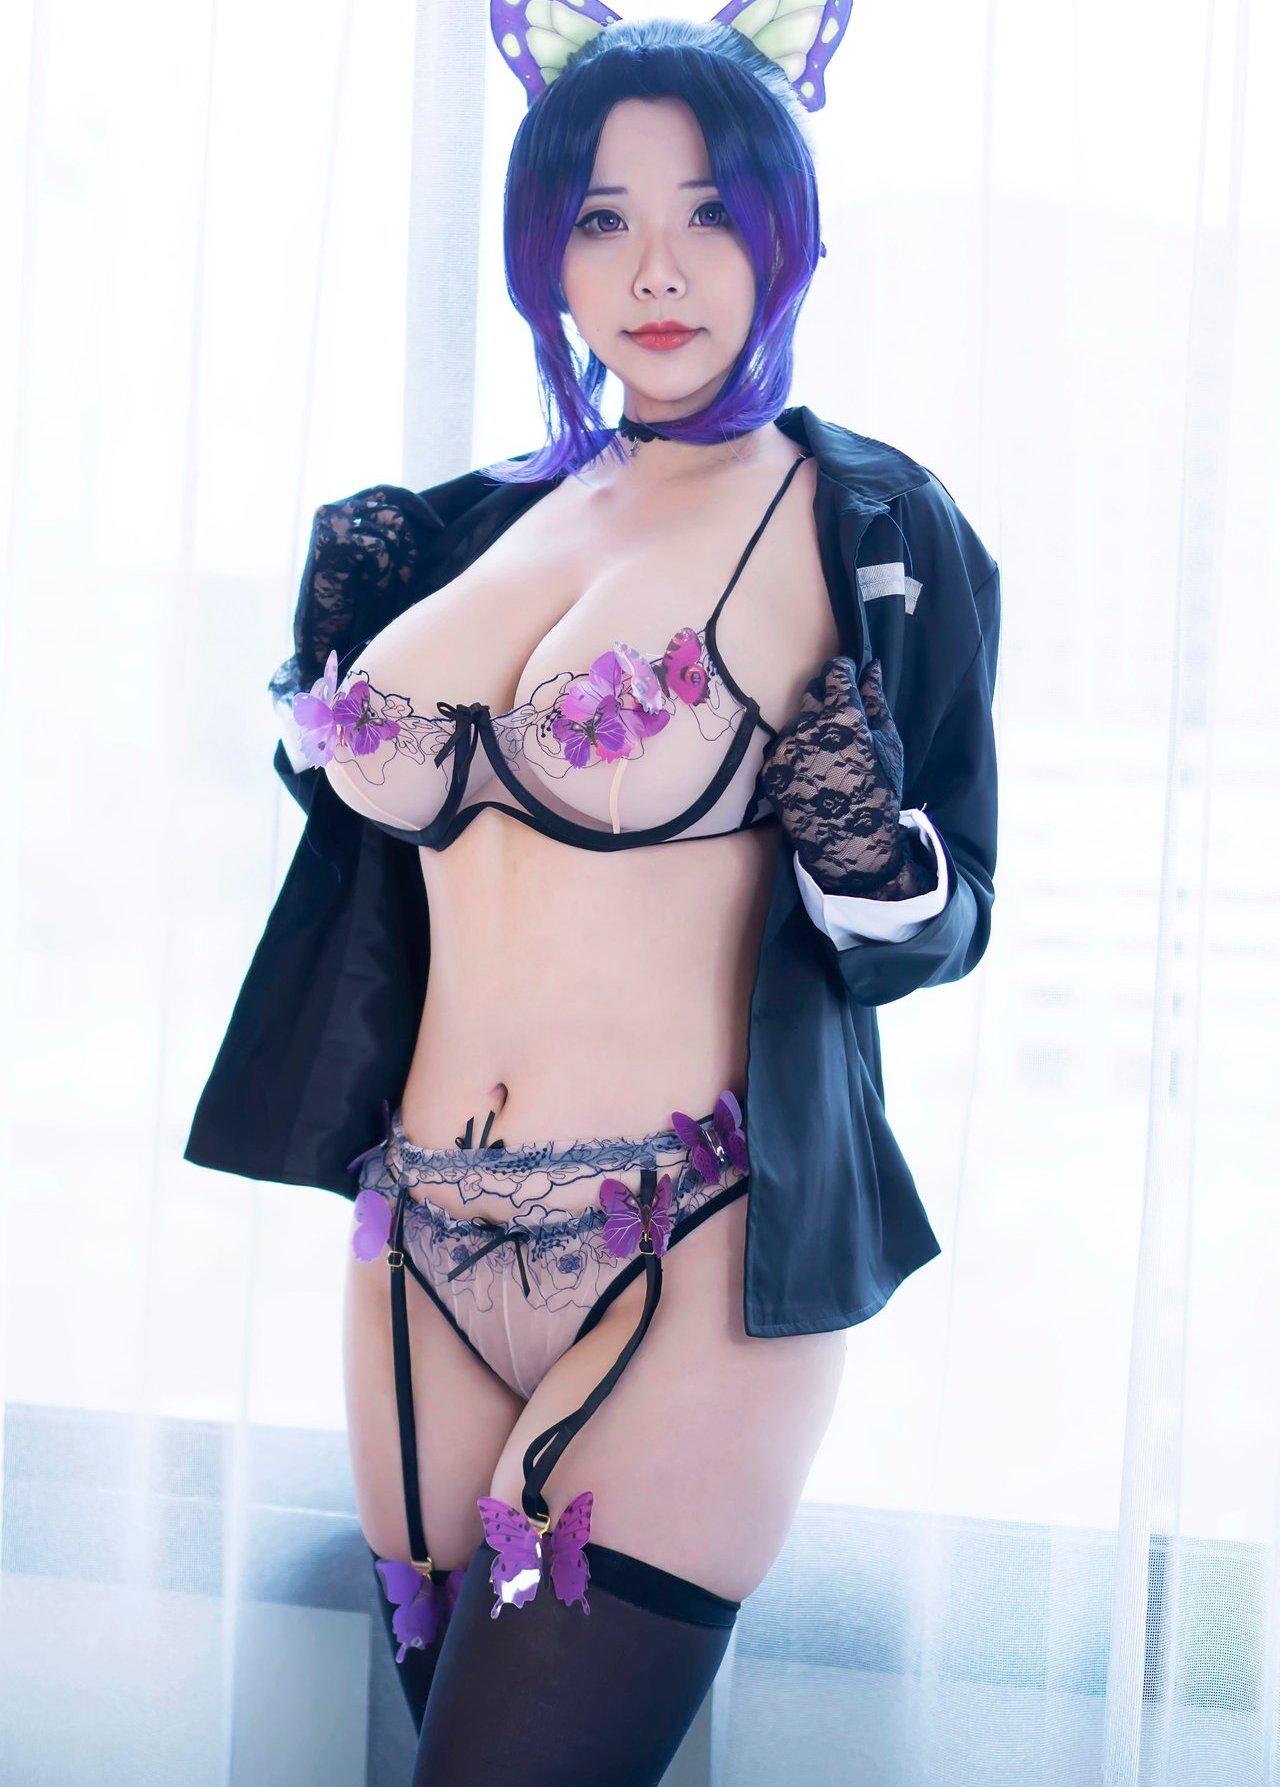 Hana Bunny Patreon Sexy Leaks 0004